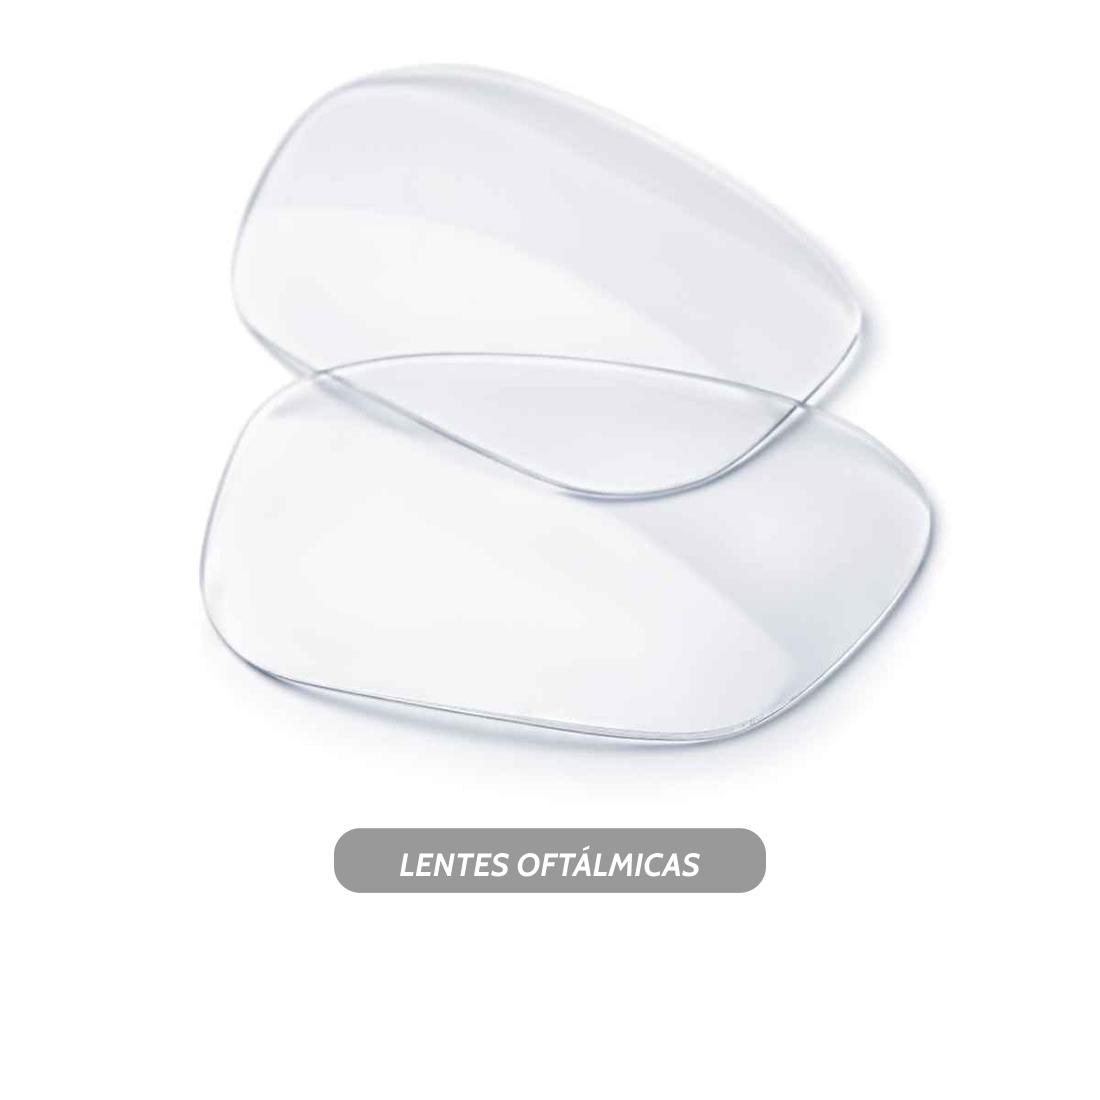 lentes_oftalmicas_model_06.png